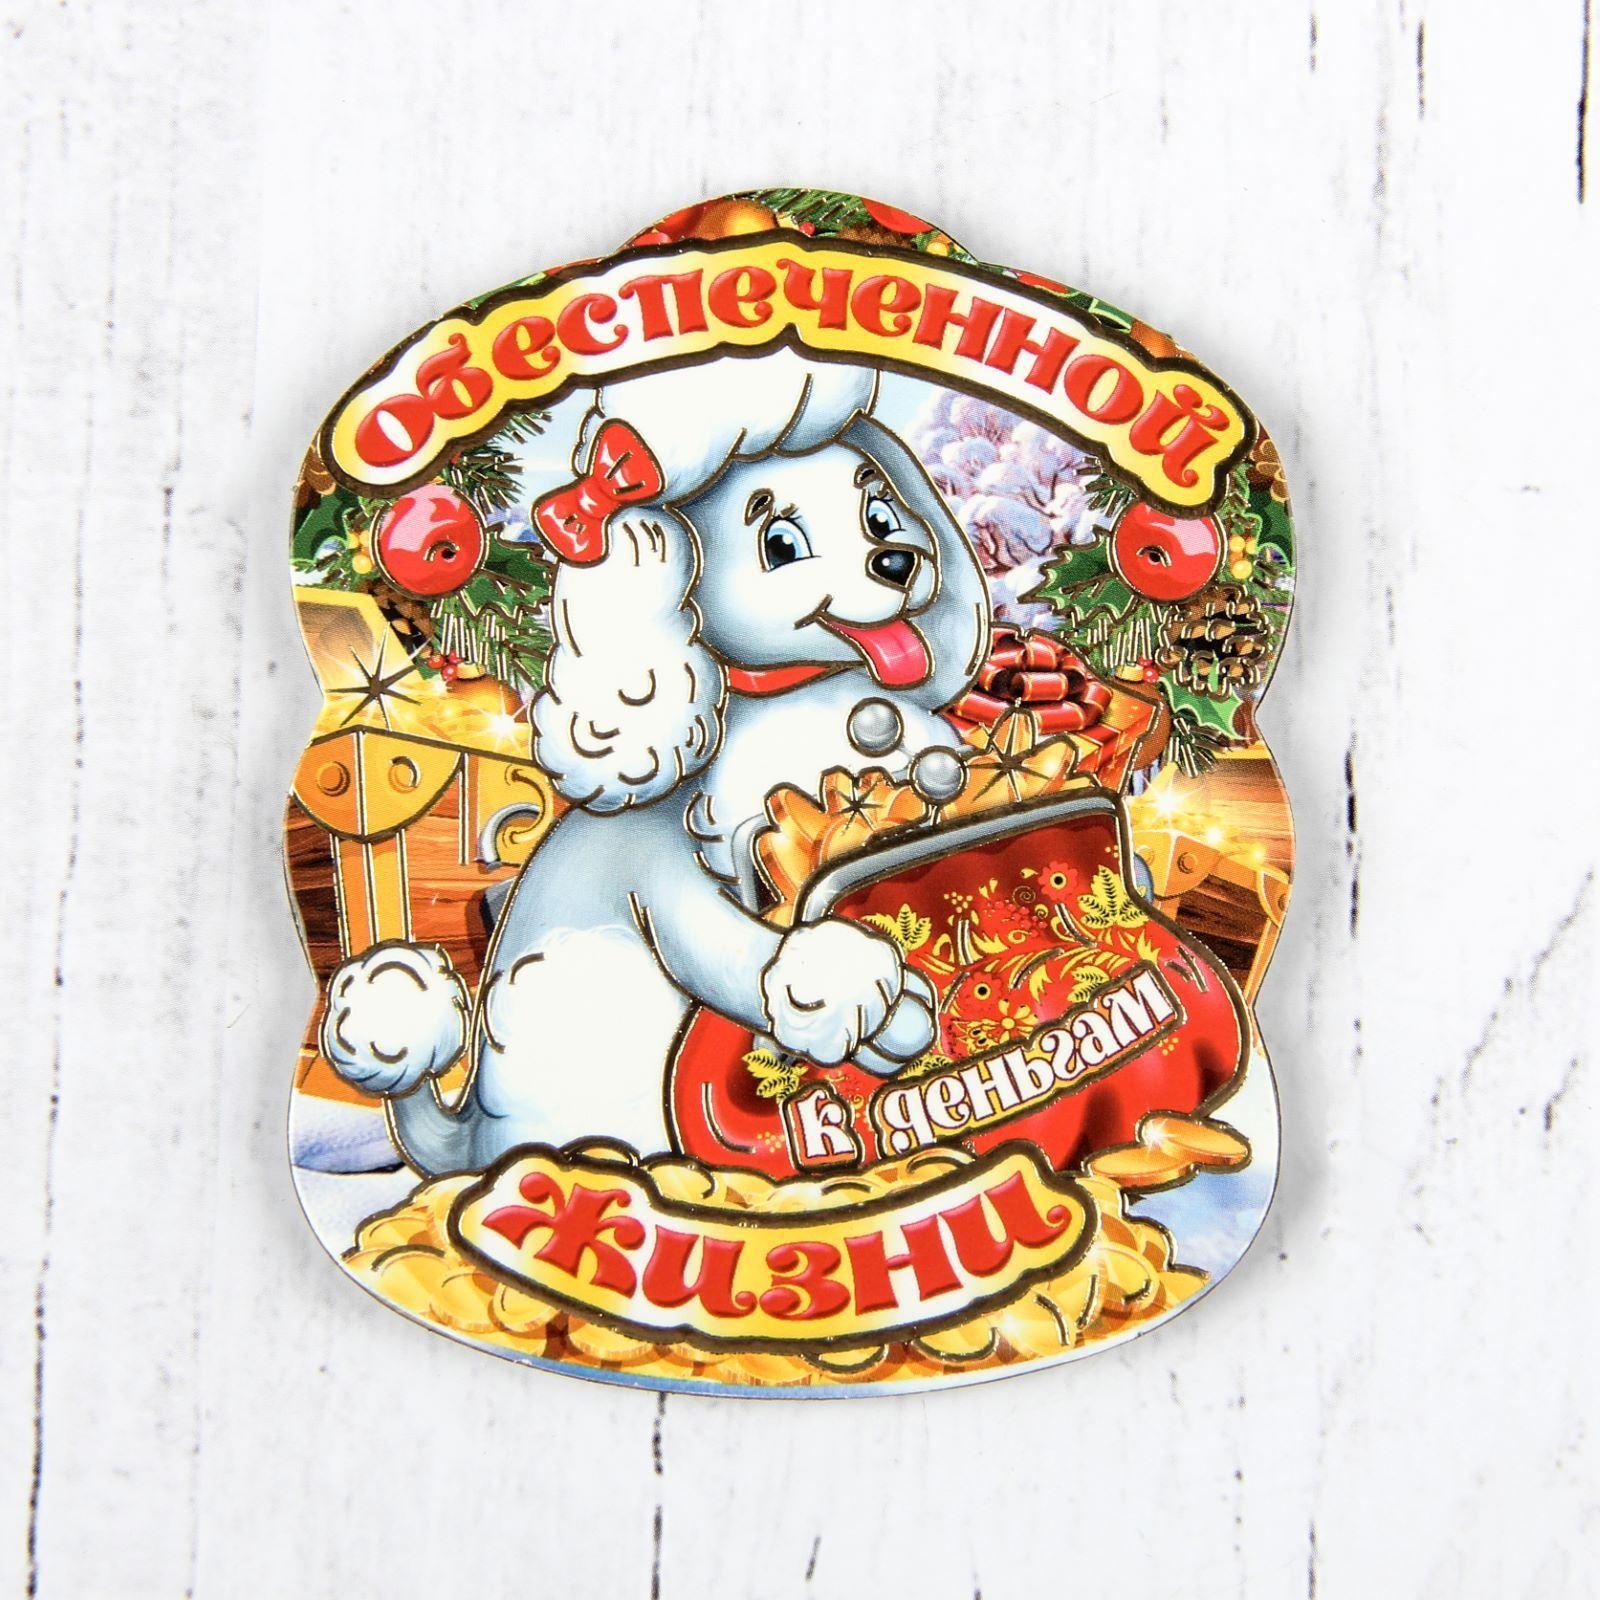 Магнит Sima-land Новогодний. 2018, 9 х 7,5 см. 25324352532435Порадуйте родных и близких оригинальным сувениром: преподнесите в подарок магнит. С ним даже самый серьёзный человек почувствует себя ребёнком, ожидающим чудо! Создайте праздничное настроение, и оно останется с вами на весь год.